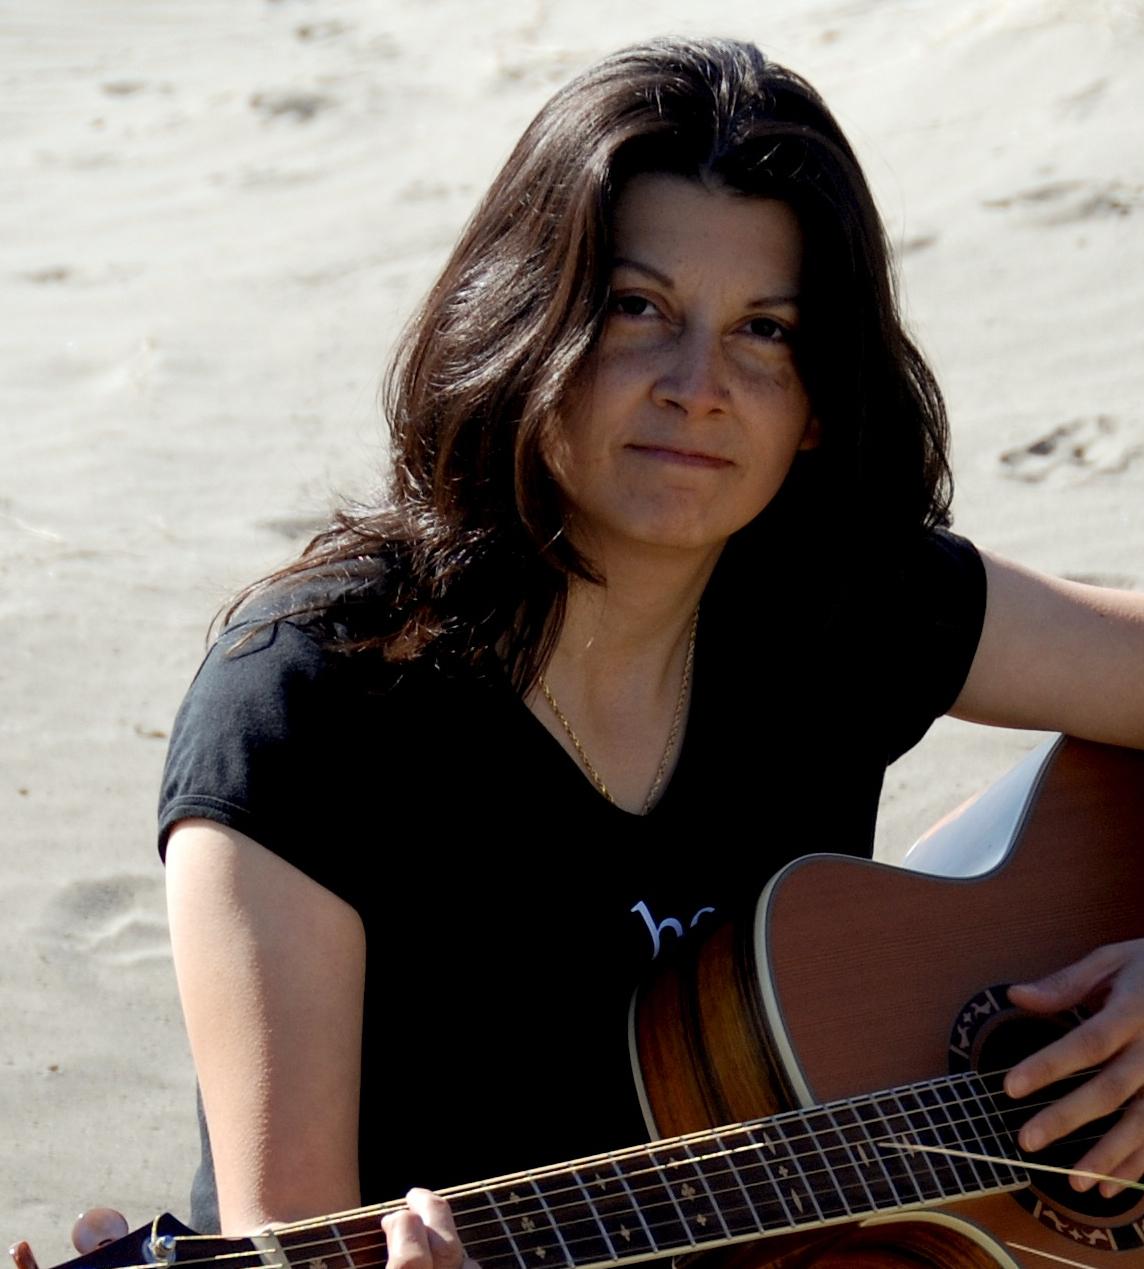 Lynette Diaz